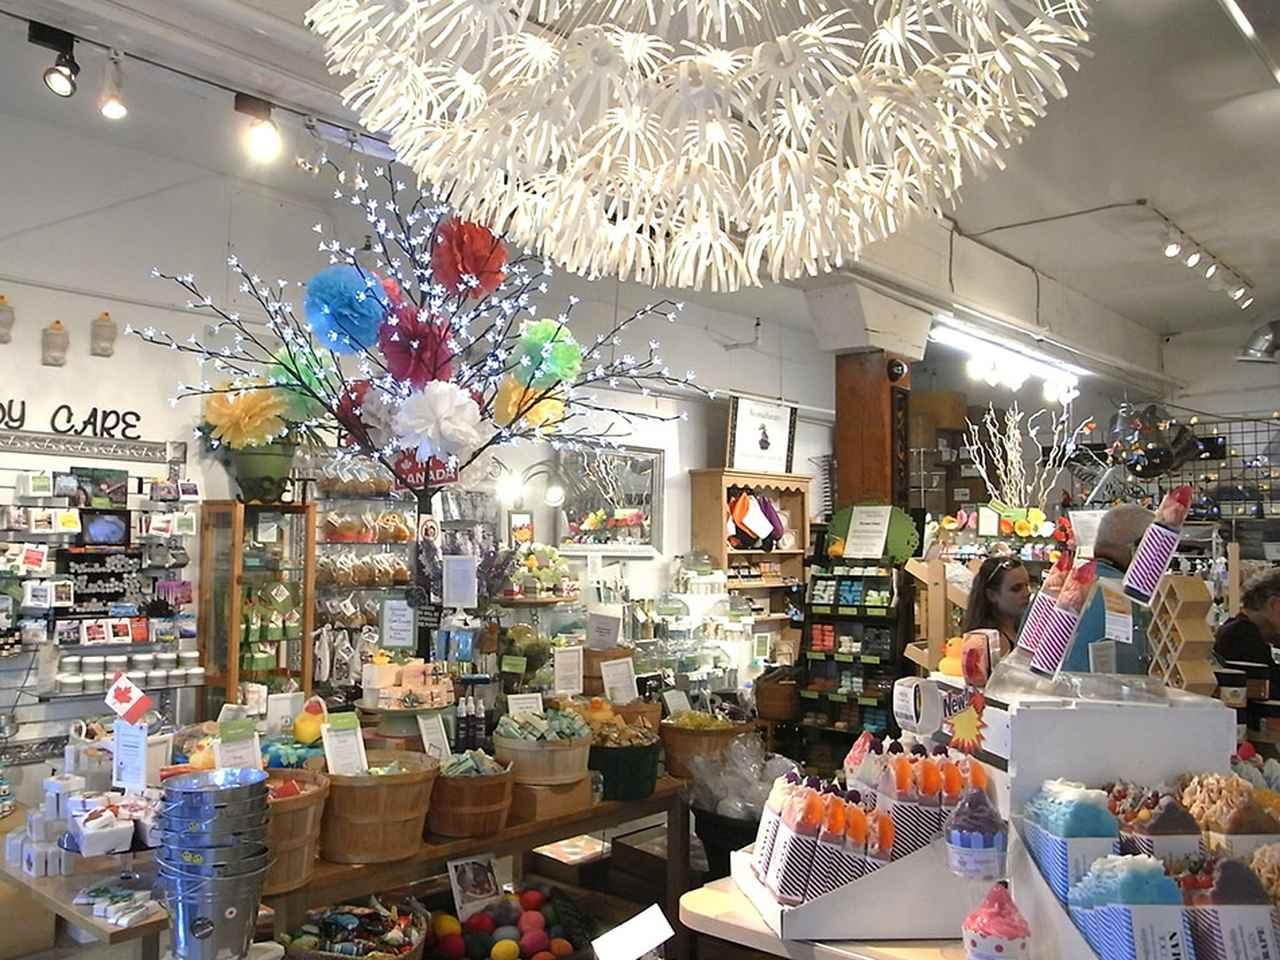 画像: 色とりどりの石鹸、スキンケア製品、キャンドルなどが並ぶ店内は、見てまわるだけでもワクワクします